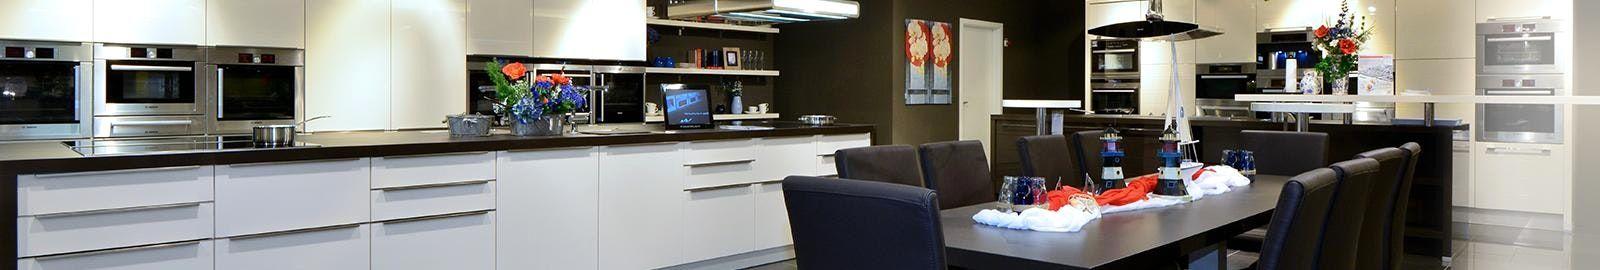 Hochwertige küchenmöbel  Genial hochwertige küchenmöbel   Deutsche Deko   Pinterest